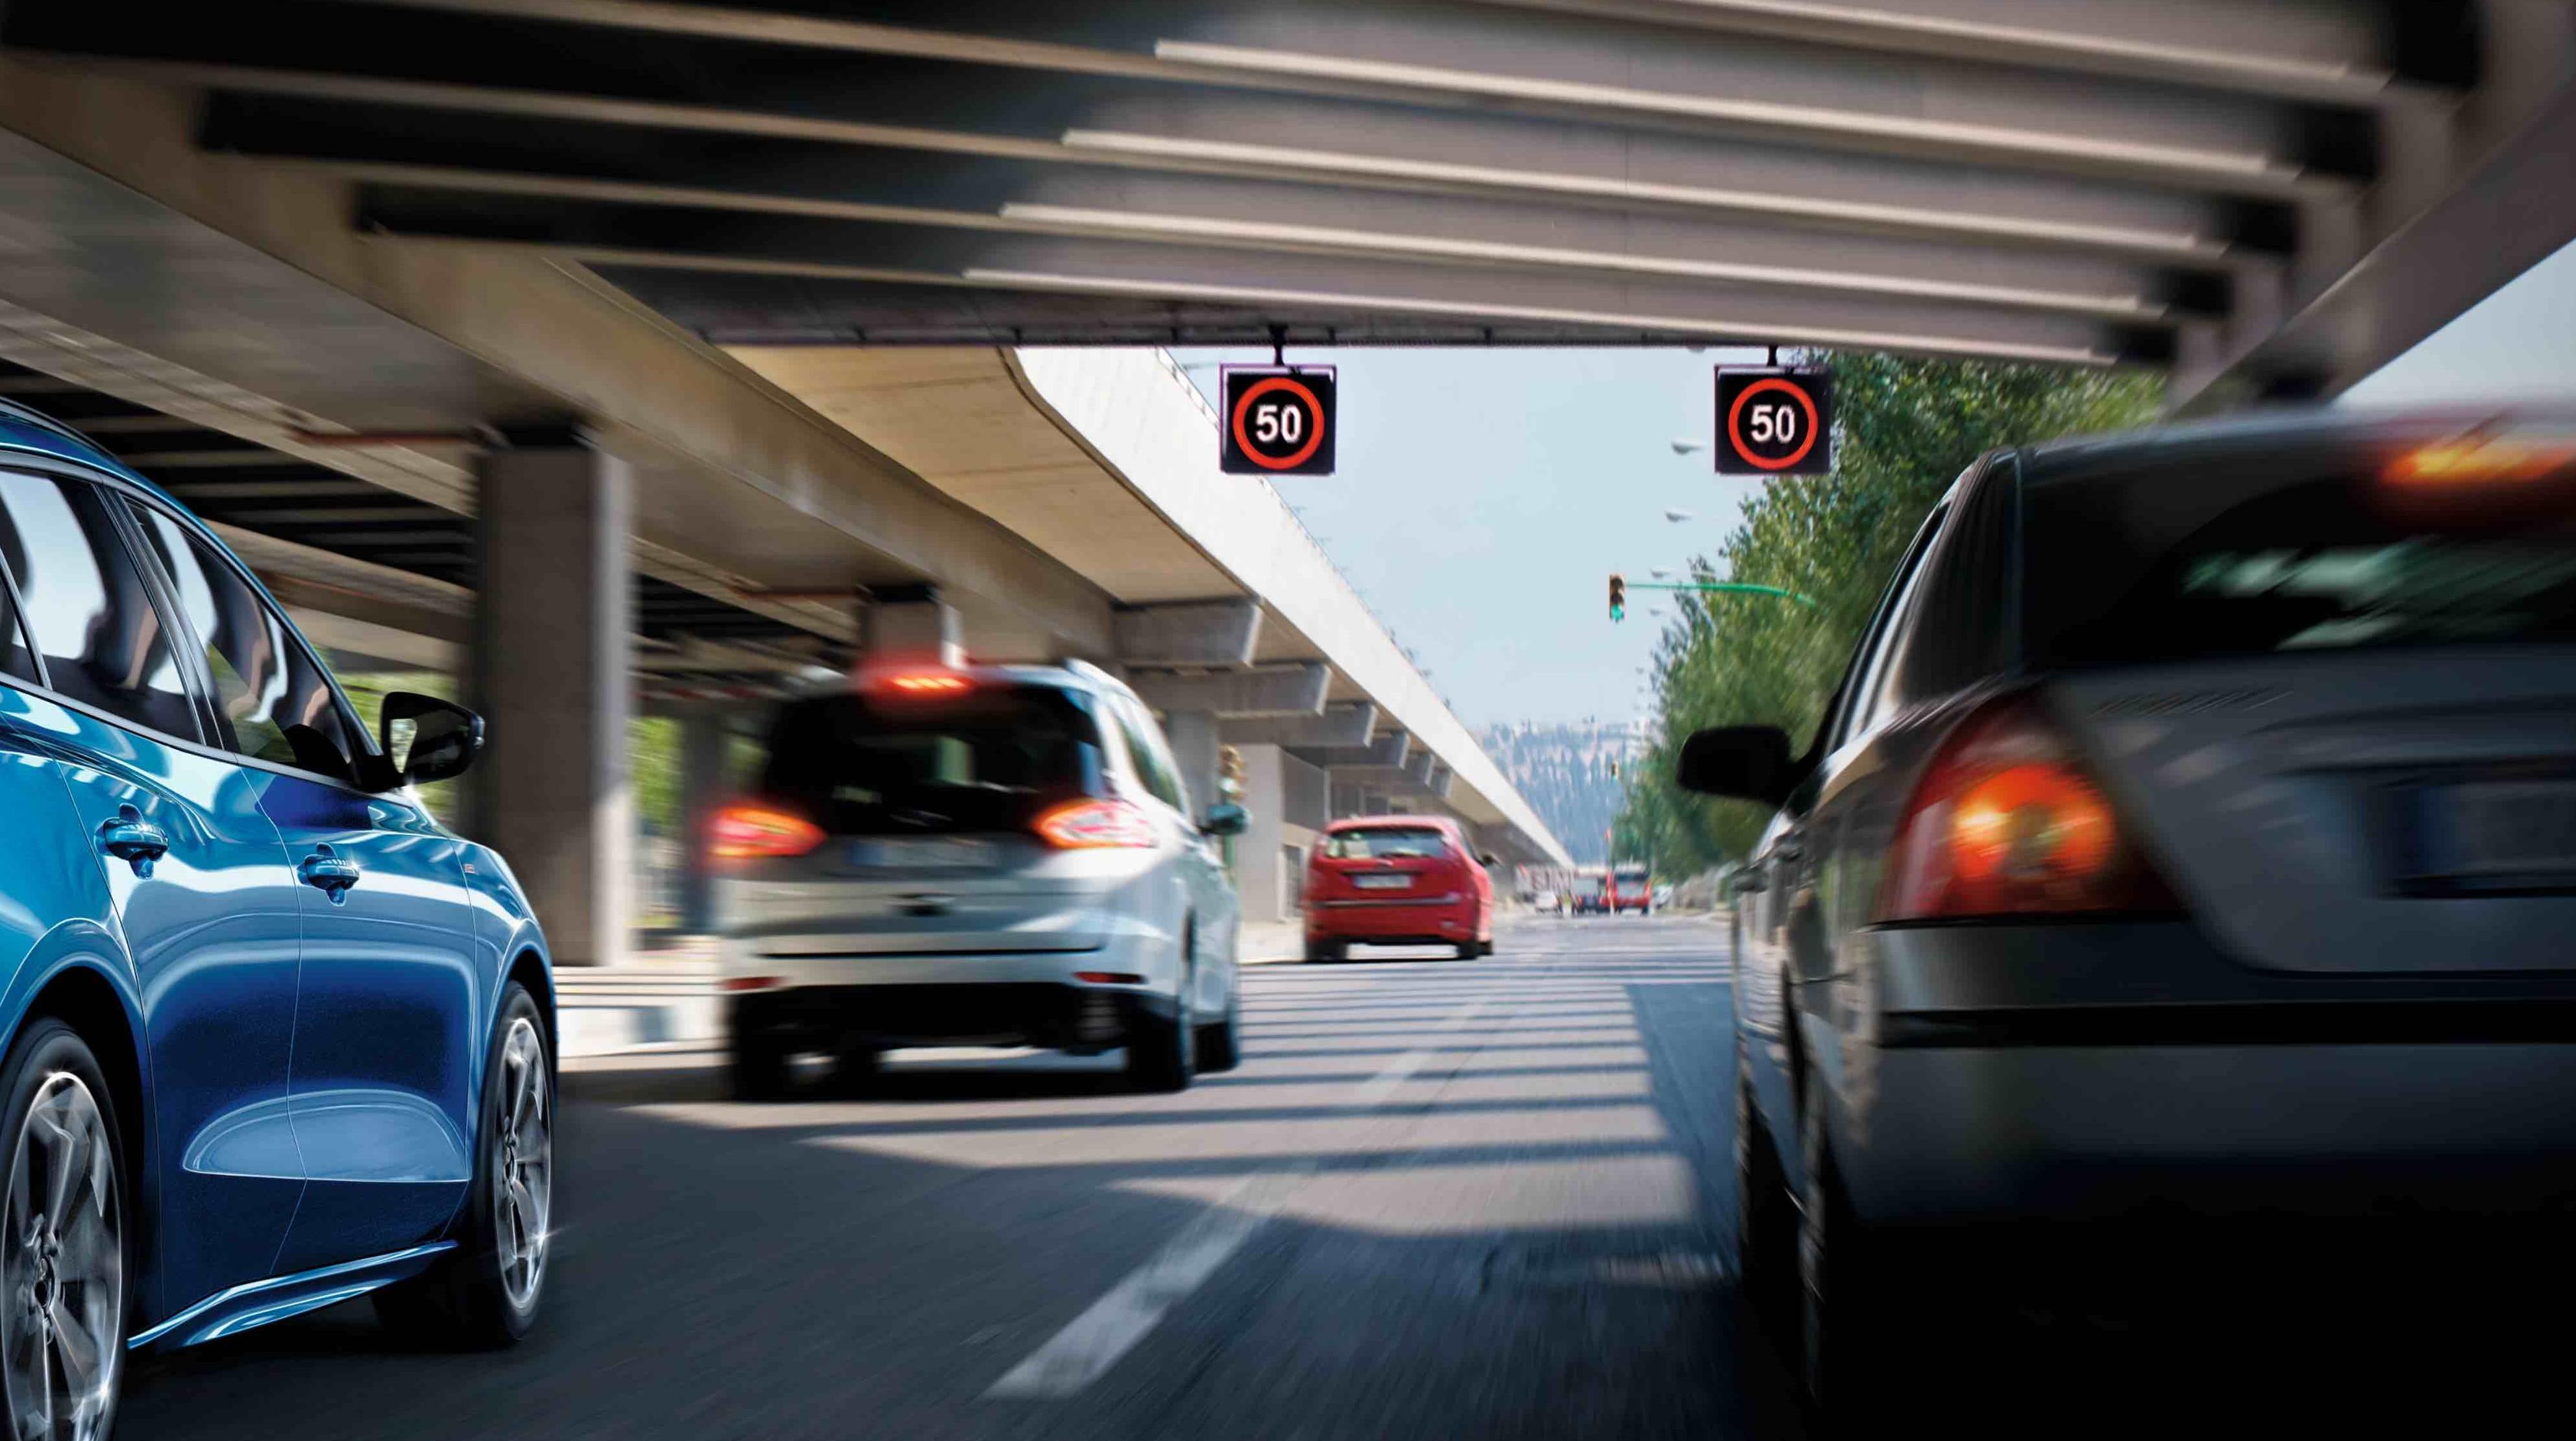 Ford Focus 20.5 年式搭載 Ford Co-Pilot360 全方位智駕科技輔助系統之車型,同步歐盟法規新增 ISA 智慧型速限輔助系統。